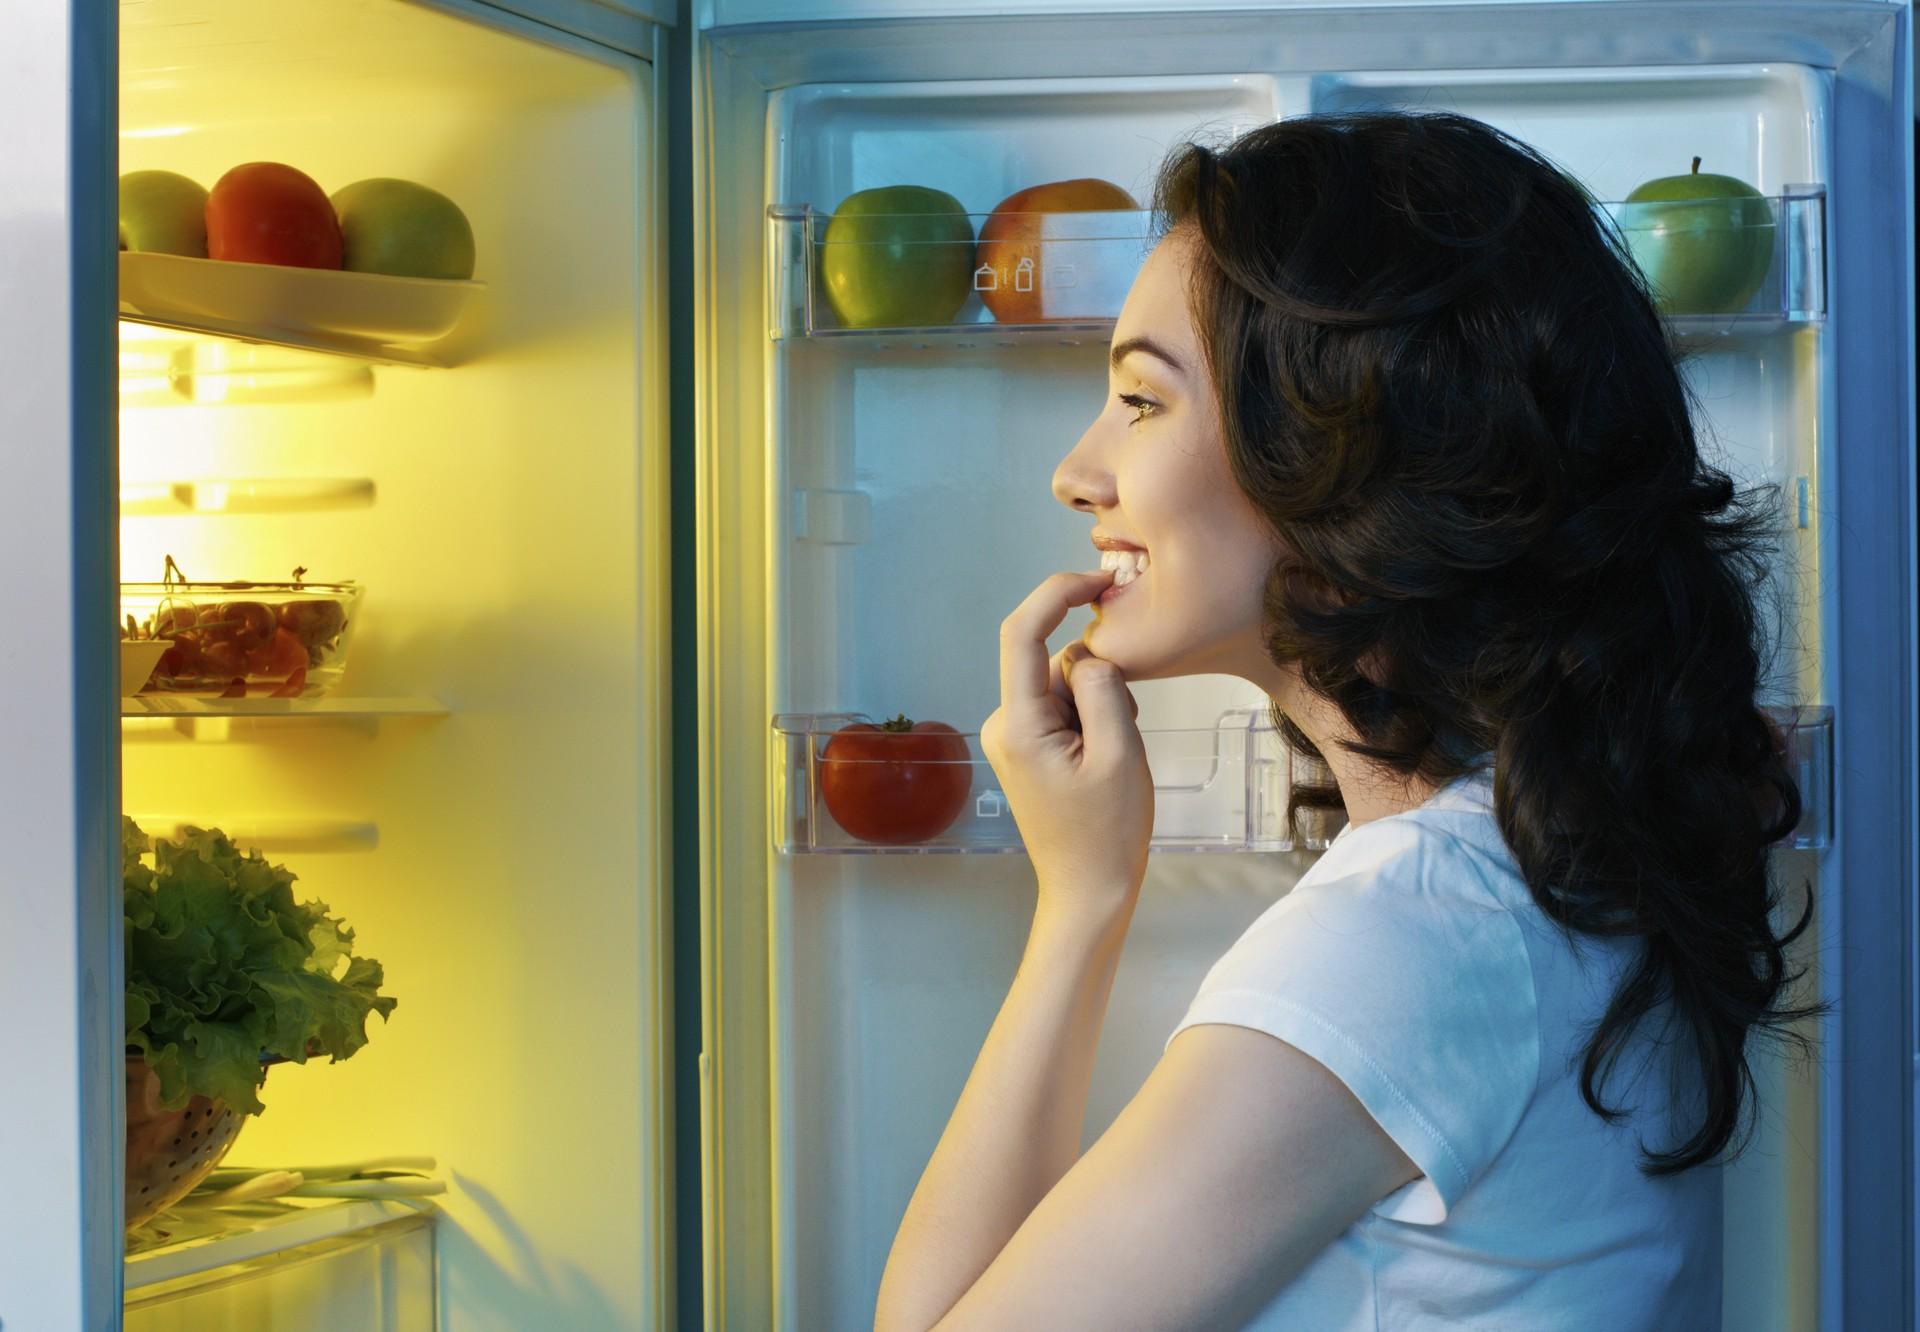 Troque o número da pizzaria na porta da geladeira por fotos de vegetais (Foto: Think Stock)